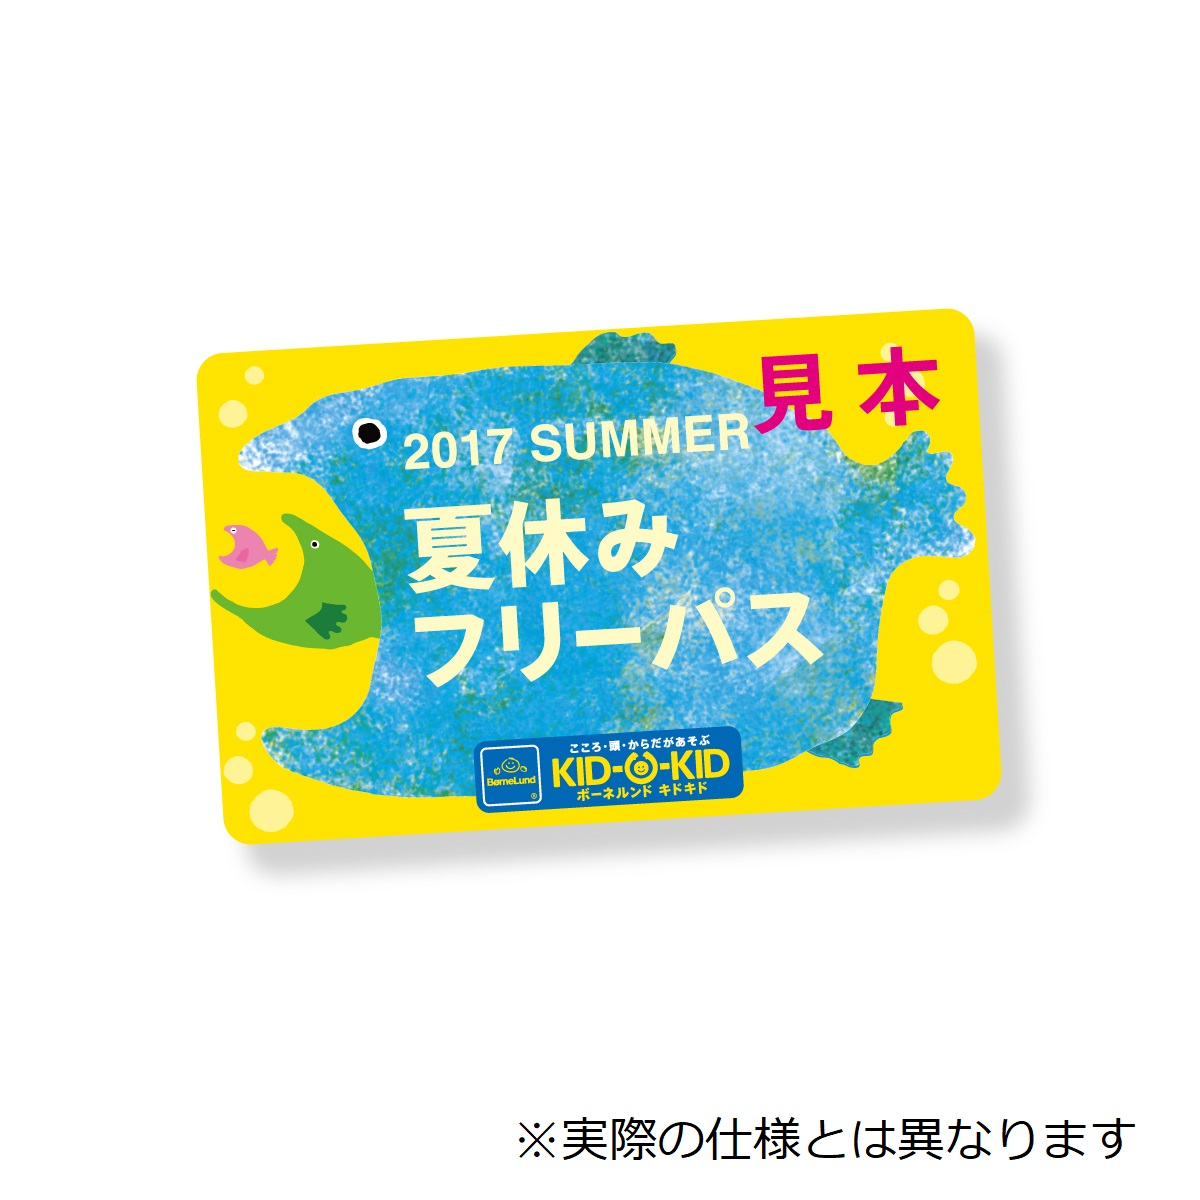 【6月28日(木)10時より販売】キドキド夏休みパスポート